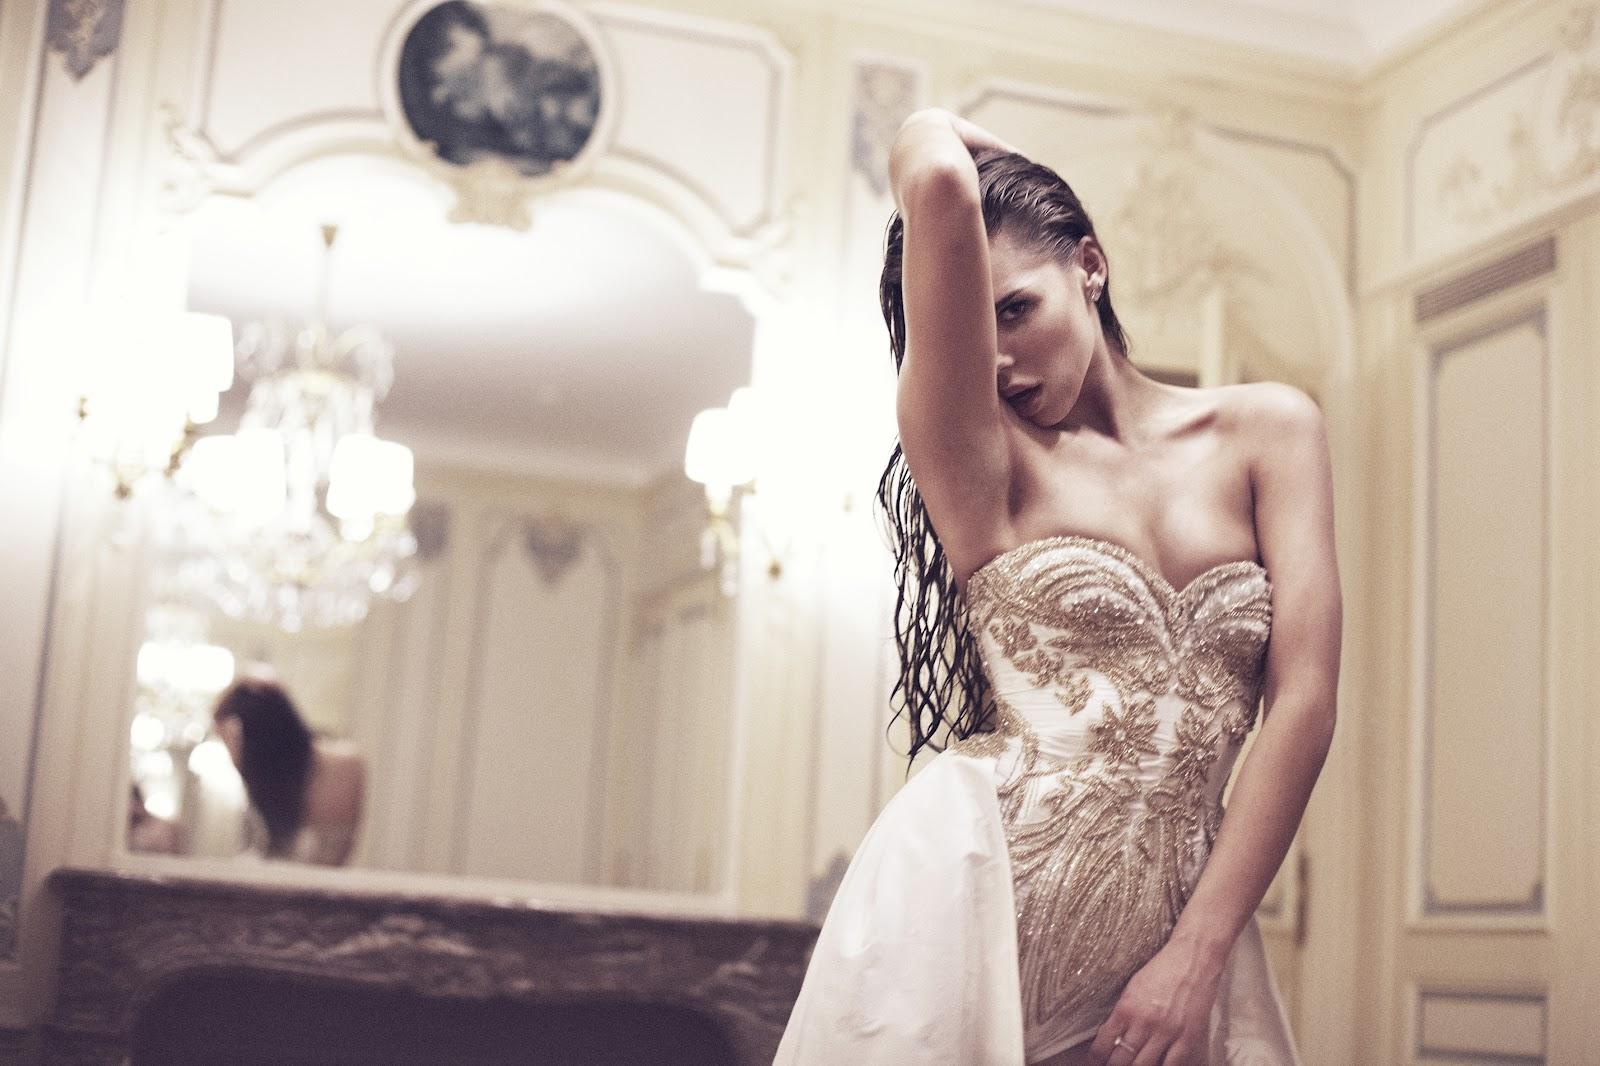 imgChili Liliana Model